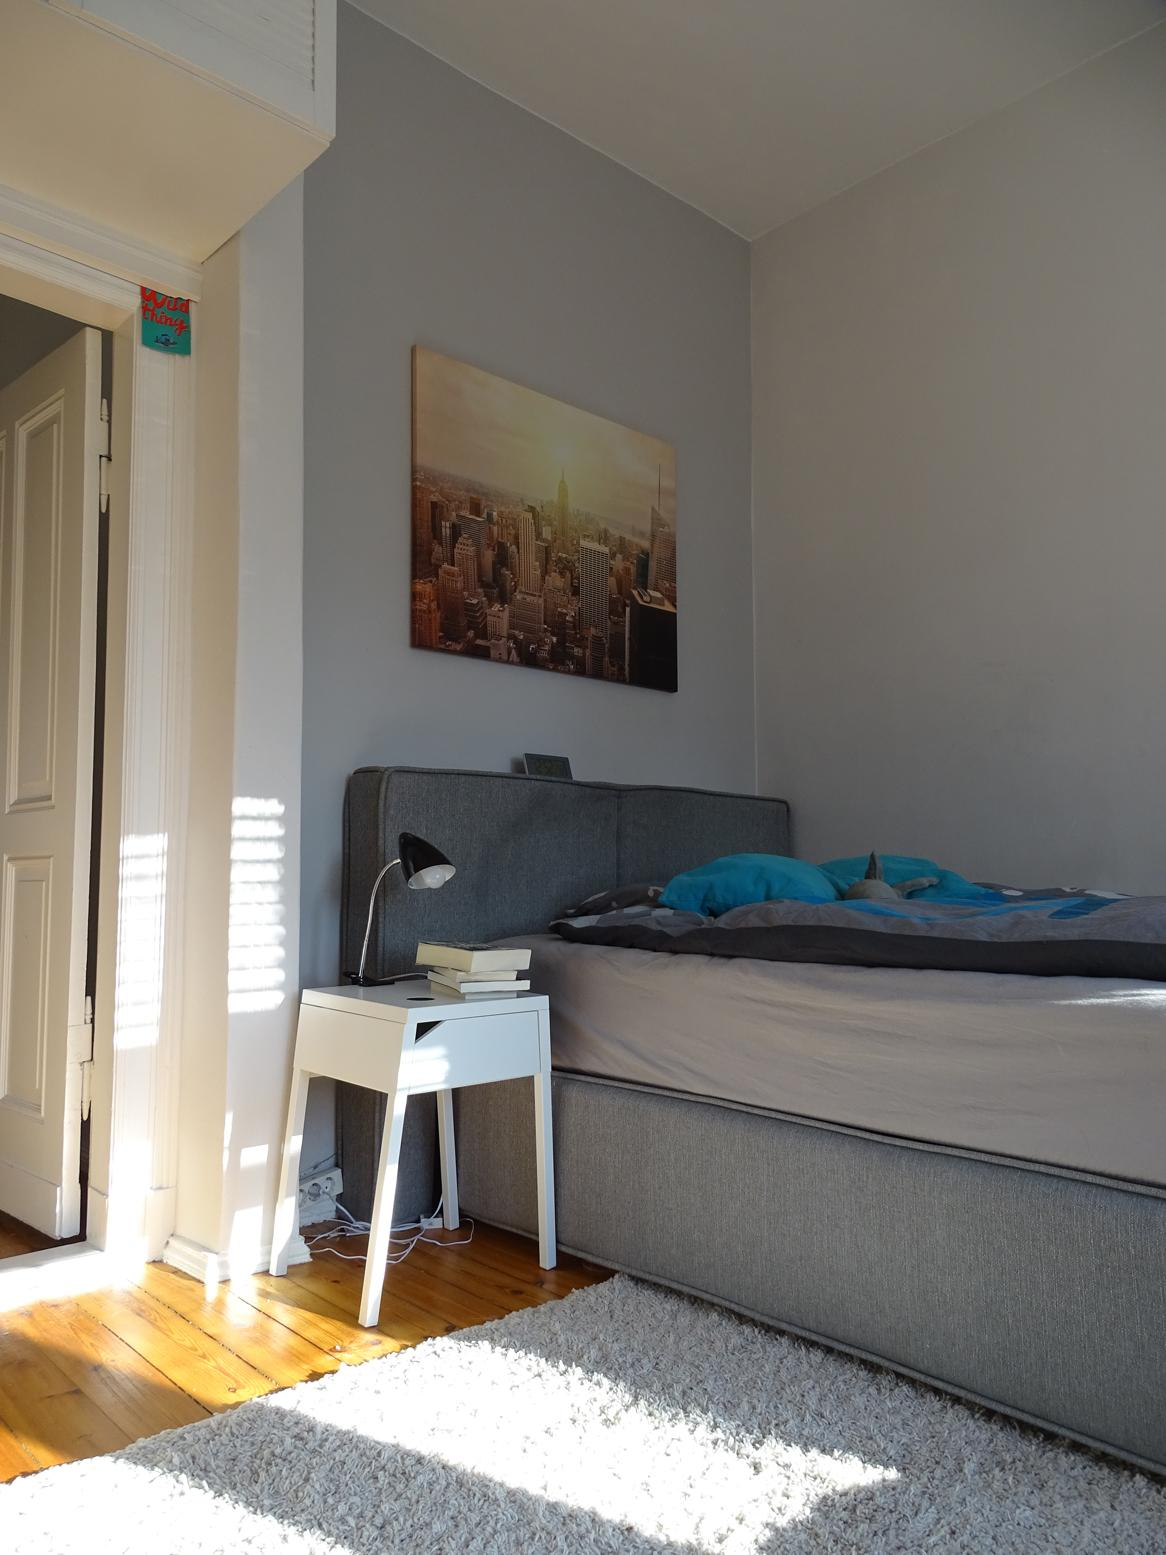 Jugendzimmer bilder ideen couchstyle for Jugendzimmer wand